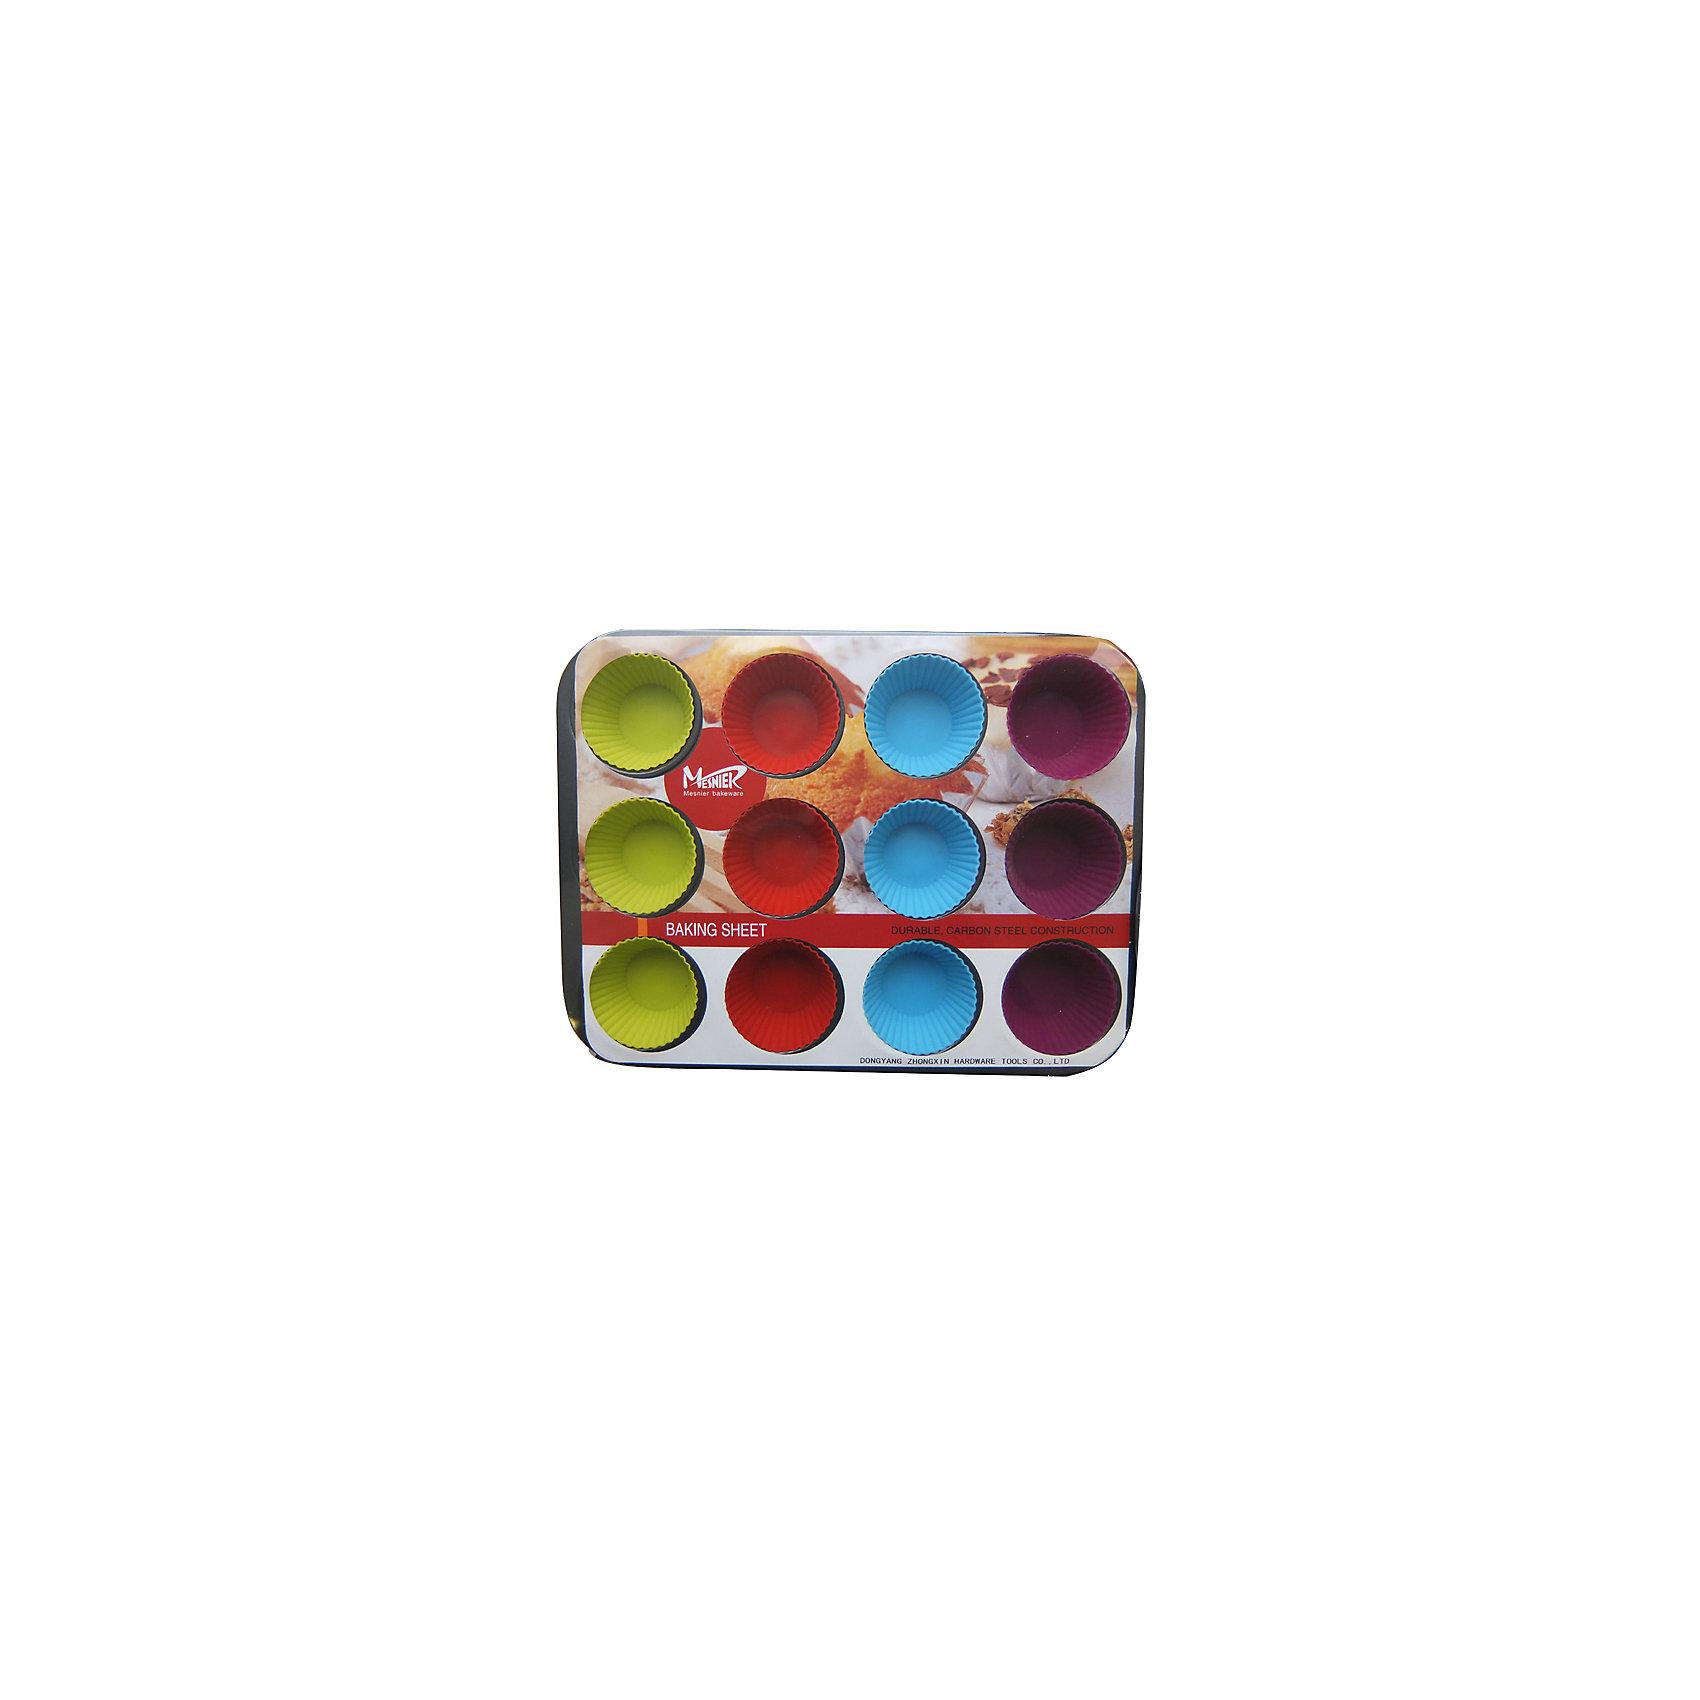 Набор: форма для пирога, 12 силиконовых форм для маффинов, МФК-профитПосуда<br>Набор: форма для пирога, 12 силиконовых форм для маффинов, МФК-профит.<br><br>Характеристики:<br><br>• В наборе: металлическая форма для пирога с антипригарным покрытием, 12 силиконовых форм для маффинов<br>• Материал: силикон, углеродистая сталь<br>• Размер упаковки: 39х28х4 см.<br>• Вес: 96 гр.<br><br>Набор, состоящий из металлической формы для пирога с антипригарным покрытием, 12 силиконовых форм для маффинов - это хорошее приобретение для любой хозяйки. Можно использовать как в газовой, так и в электрической духовке. Подходит для мытья в посудомоечной машине.<br><br>Набор: форма для пирога, 12 силиконовых форм для маффинов, МФК-профит можно купить в нашем интернет-магазине.<br><br>Ширина мм: 390<br>Глубина мм: 280<br>Высота мм: 40<br>Вес г: 96<br>Возраст от месяцев: 36<br>Возраст до месяцев: 1188<br>Пол: Унисекс<br>Возраст: Детский<br>SKU: 5601151